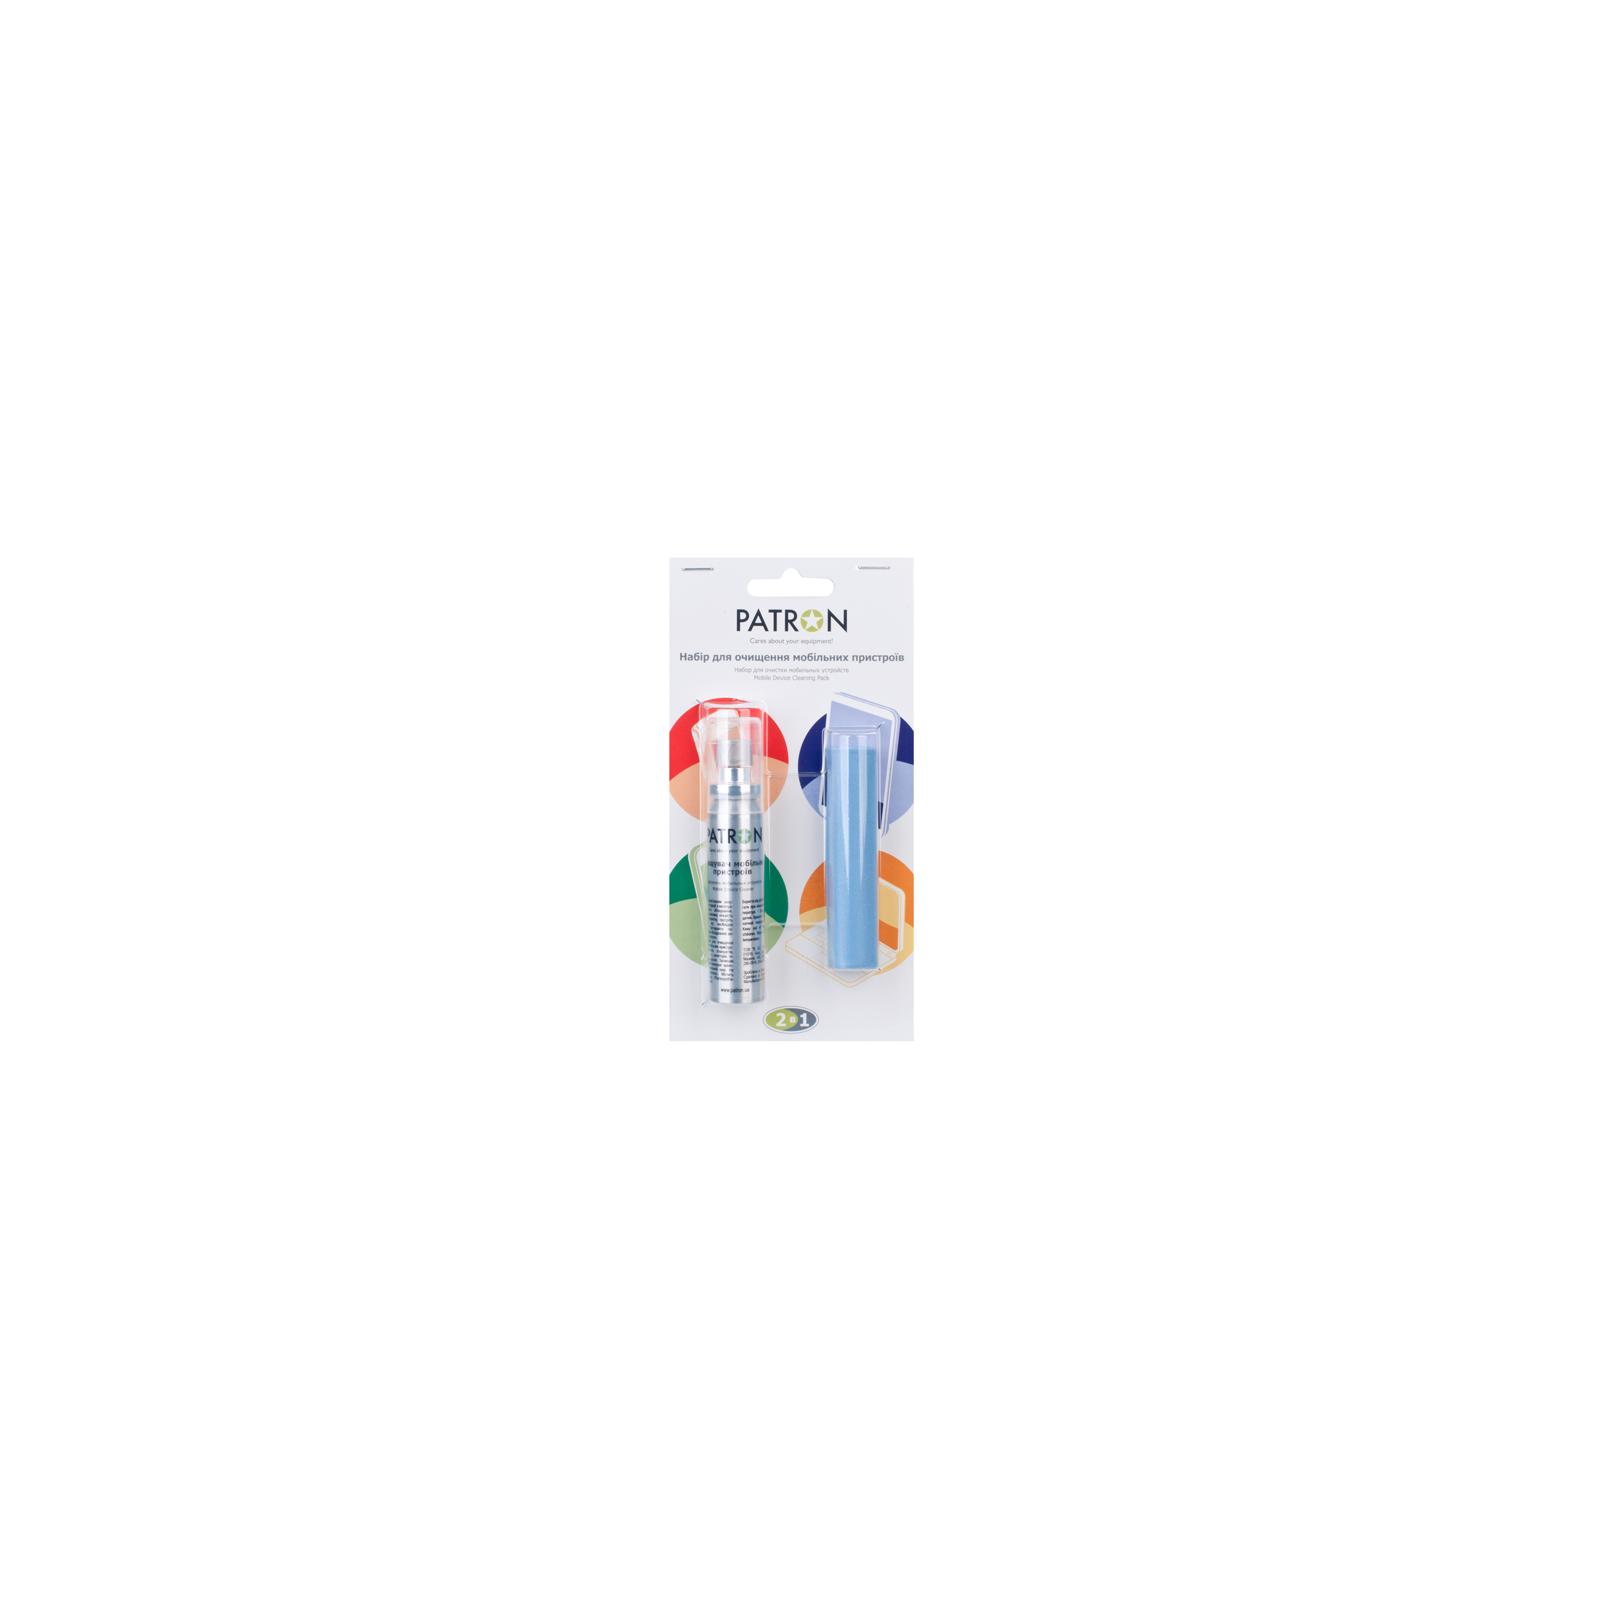 Универсальный чистящий набор PATRON F5-006